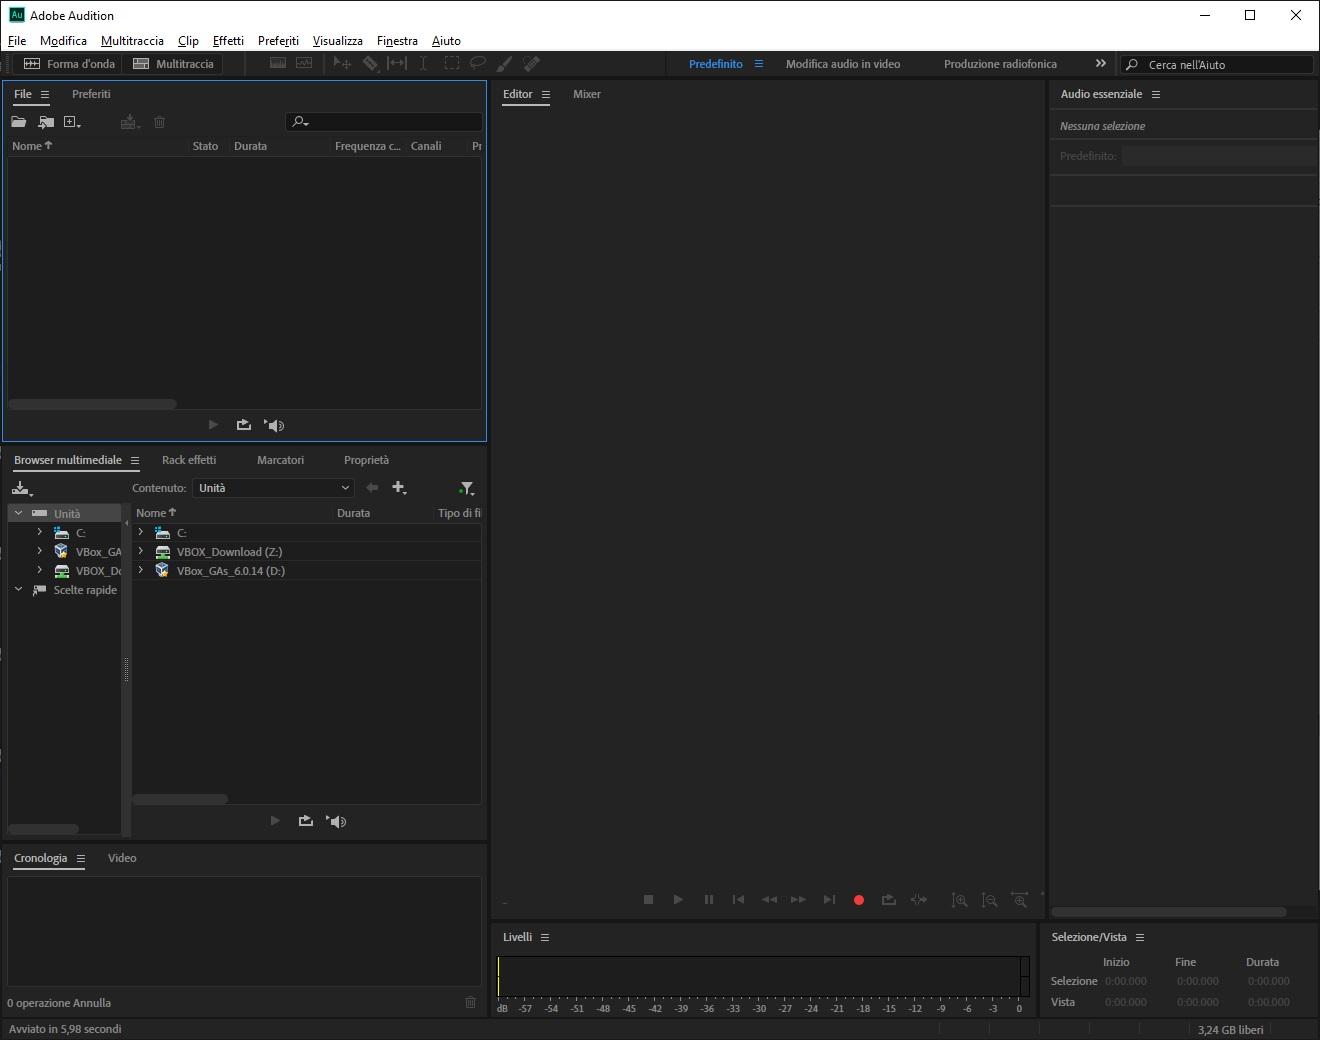 Adobe Audition 2020 v13.0.5.29 Beta 64 Bit - Ita